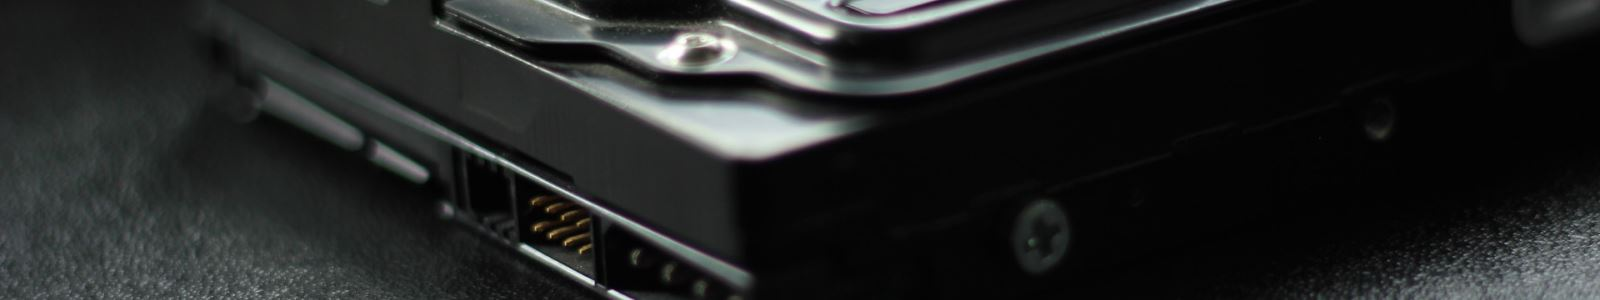 SSD Festplatte - Solid-State-Drive.net